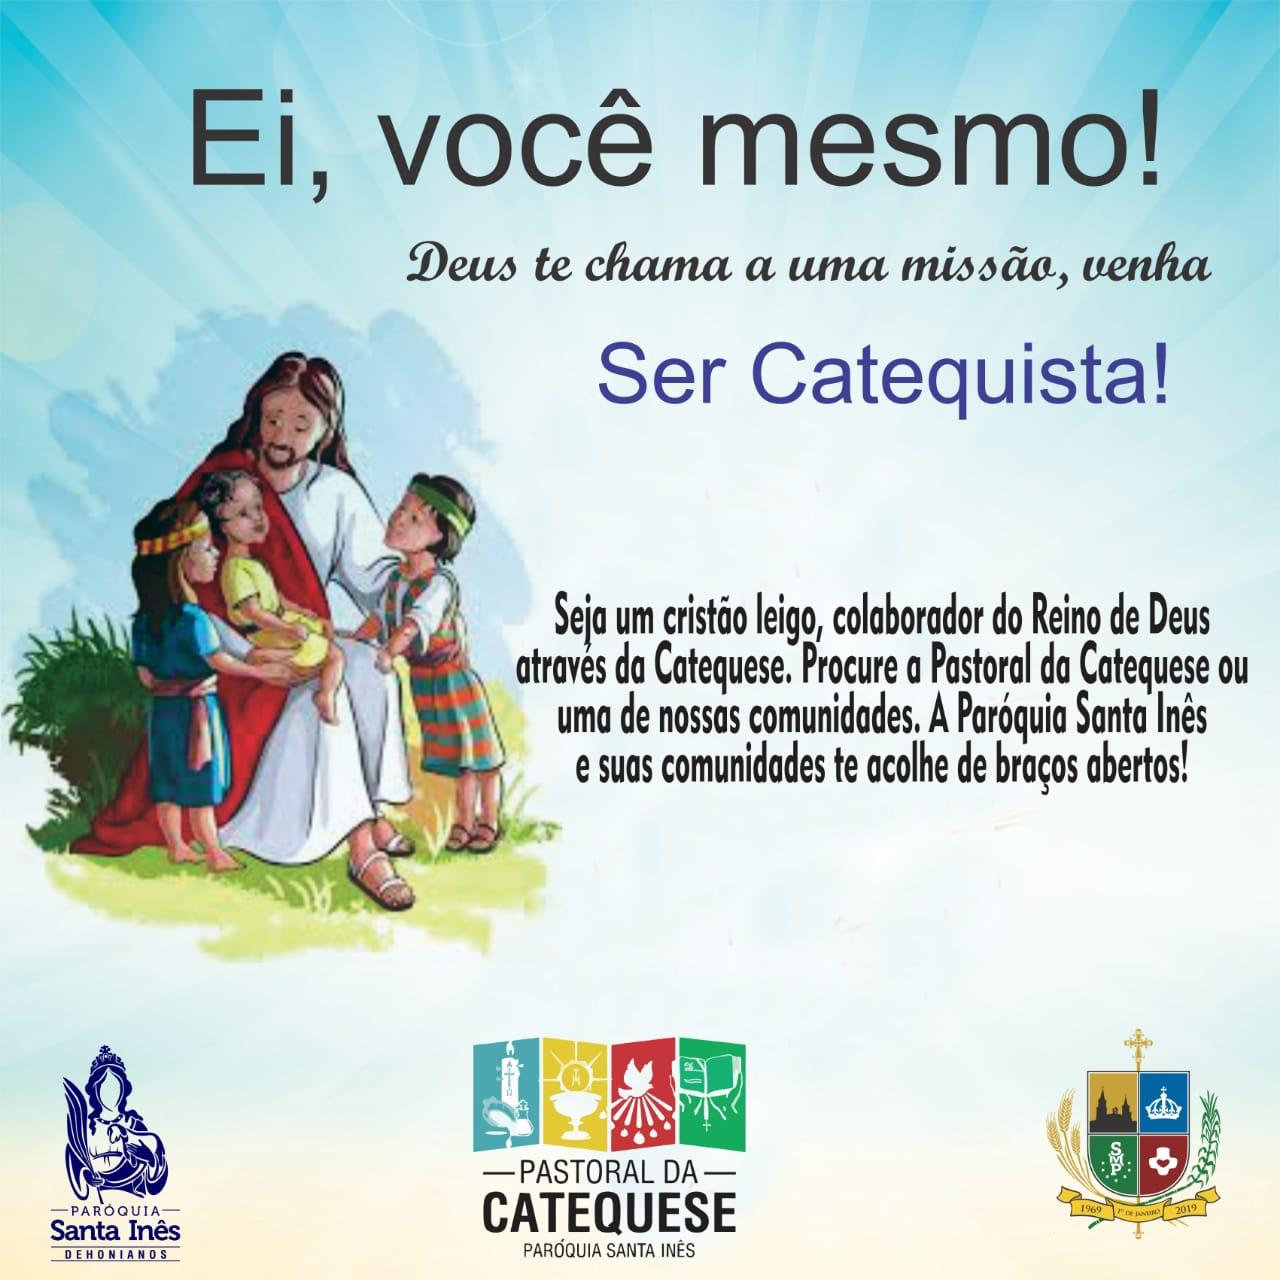 Venha ser um Catequista!